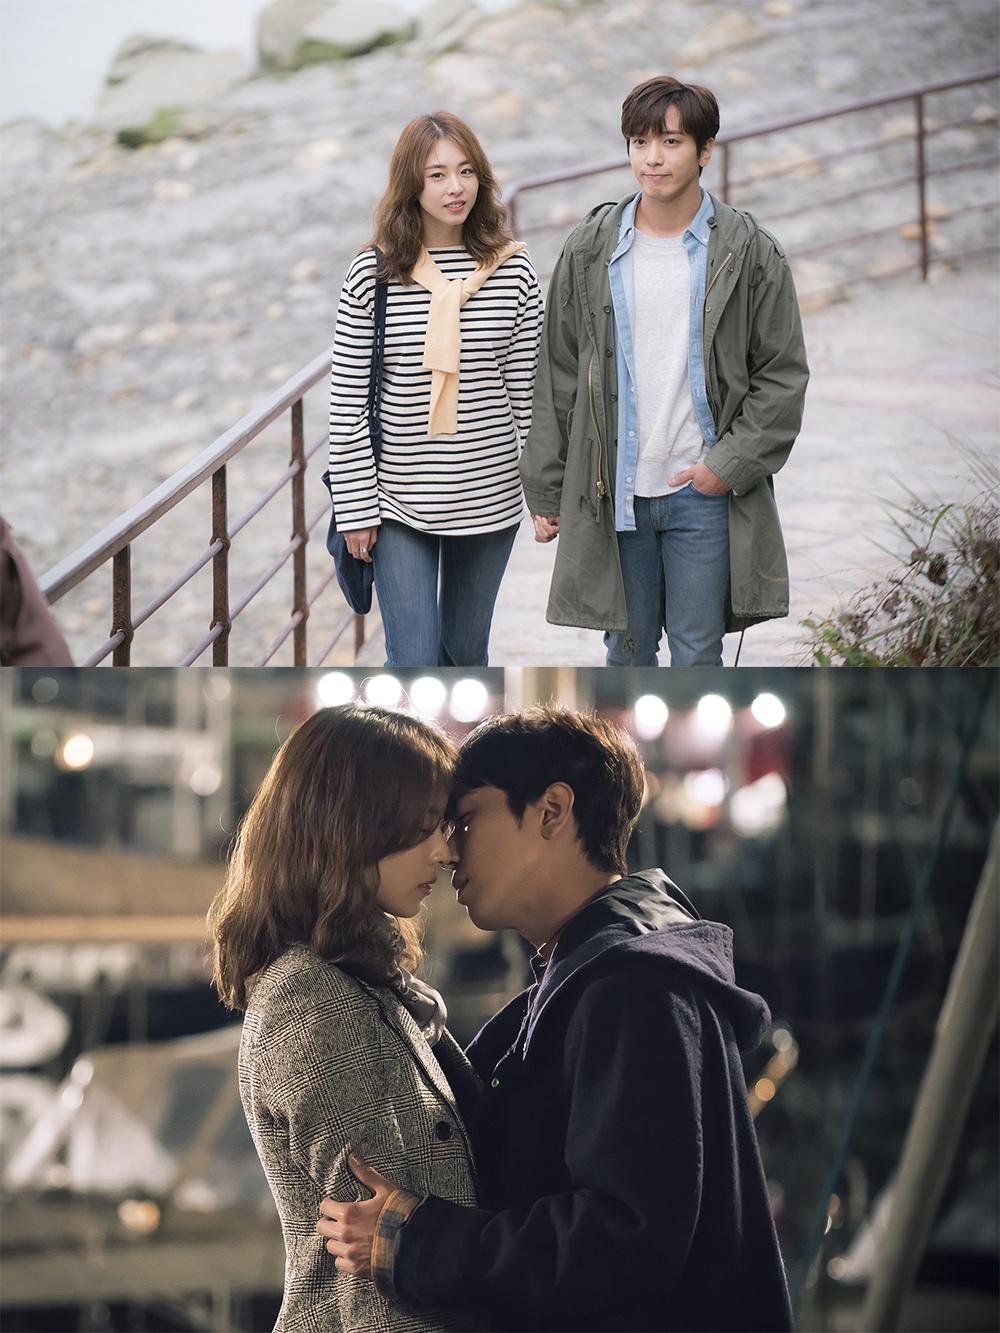 《The Package》預告 李沇熹鄭容和甜蜜親吻